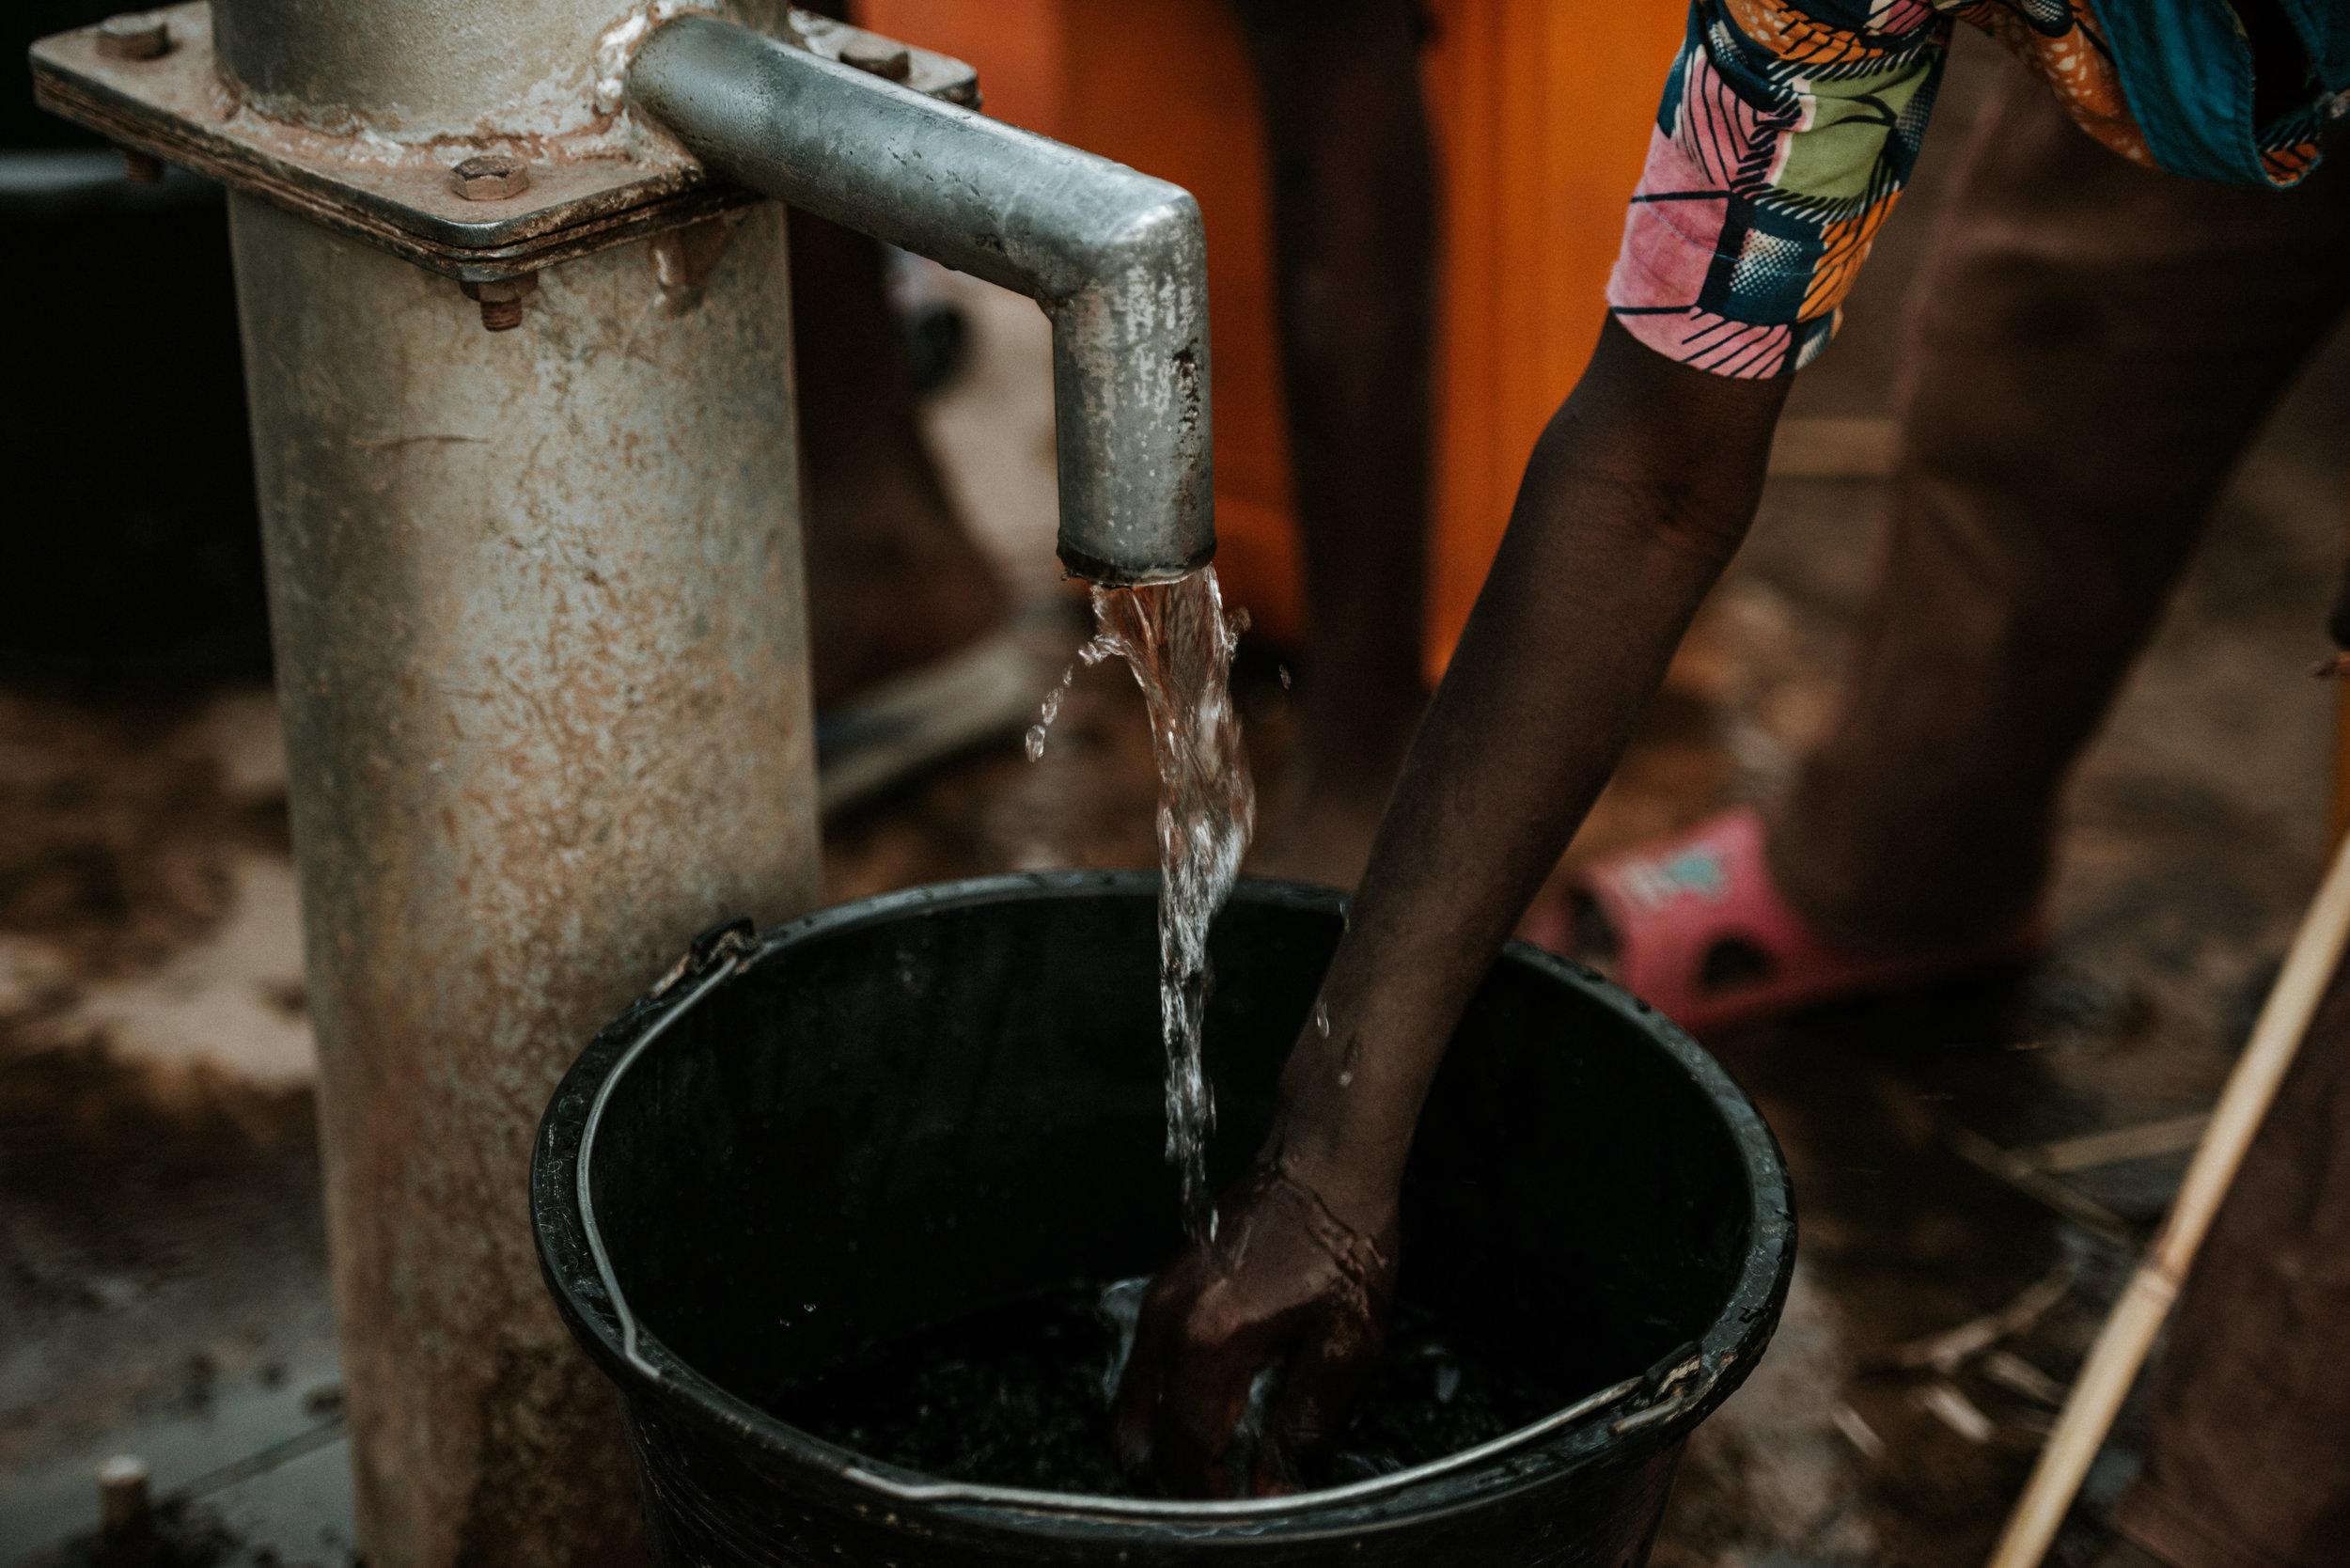 GHANA_AFRICA_HUMANITARIAN_PHOTOGRAPHY_TaraShupe_DSC_1678.jpg